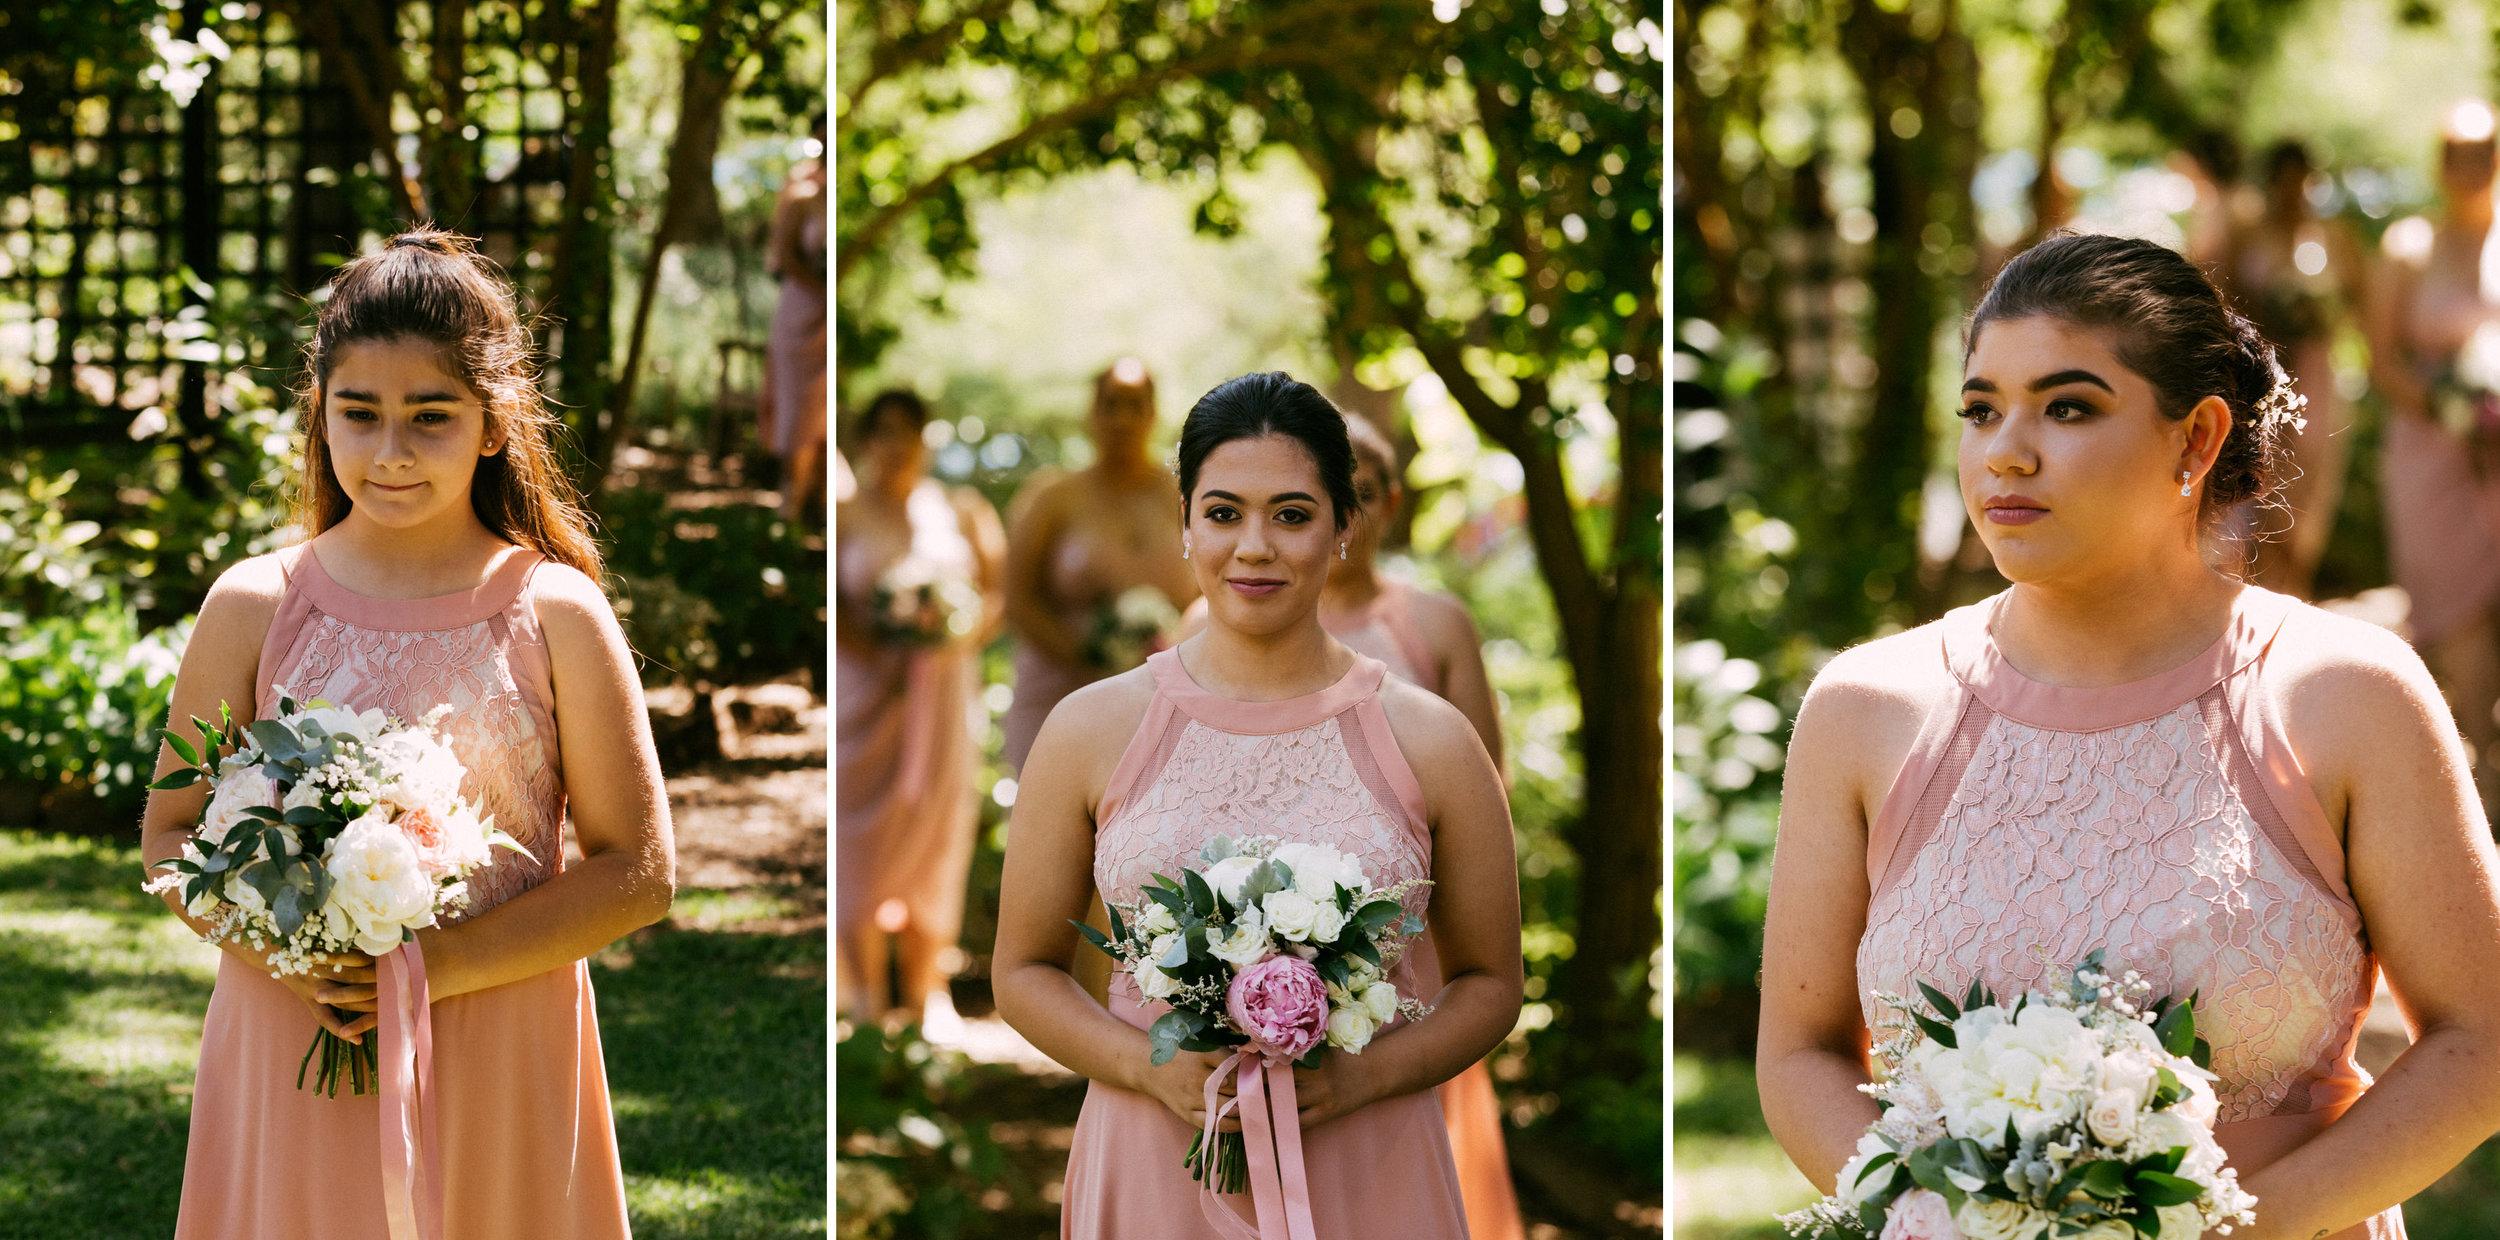 Al Ru Farm Summer Wedding 051.jpg